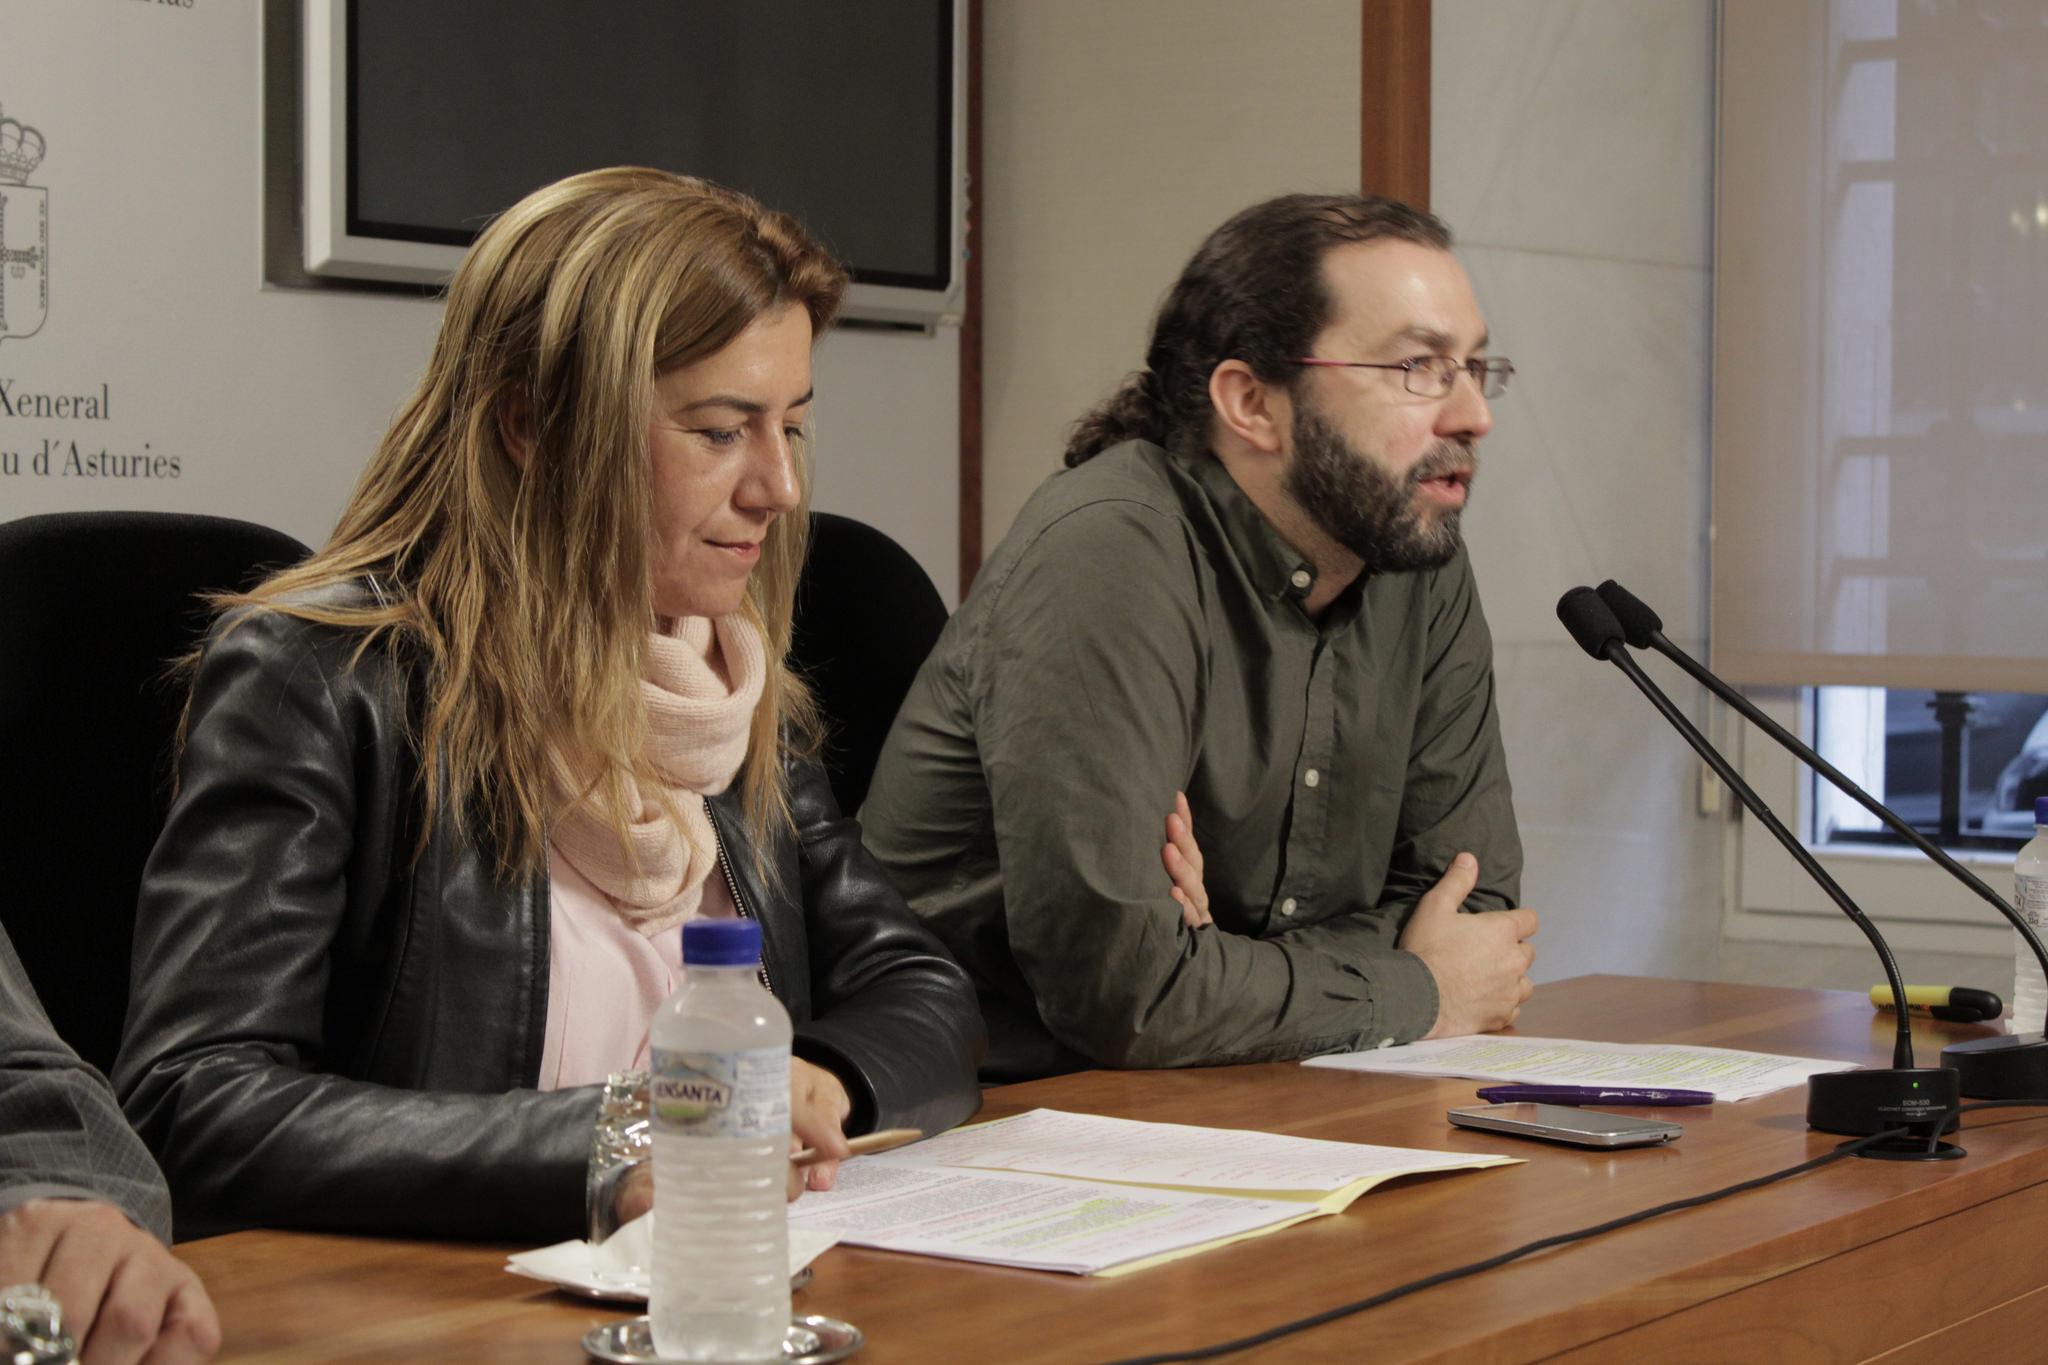 Los parlamentarios asturianos Rosa Espiño y Emilio León